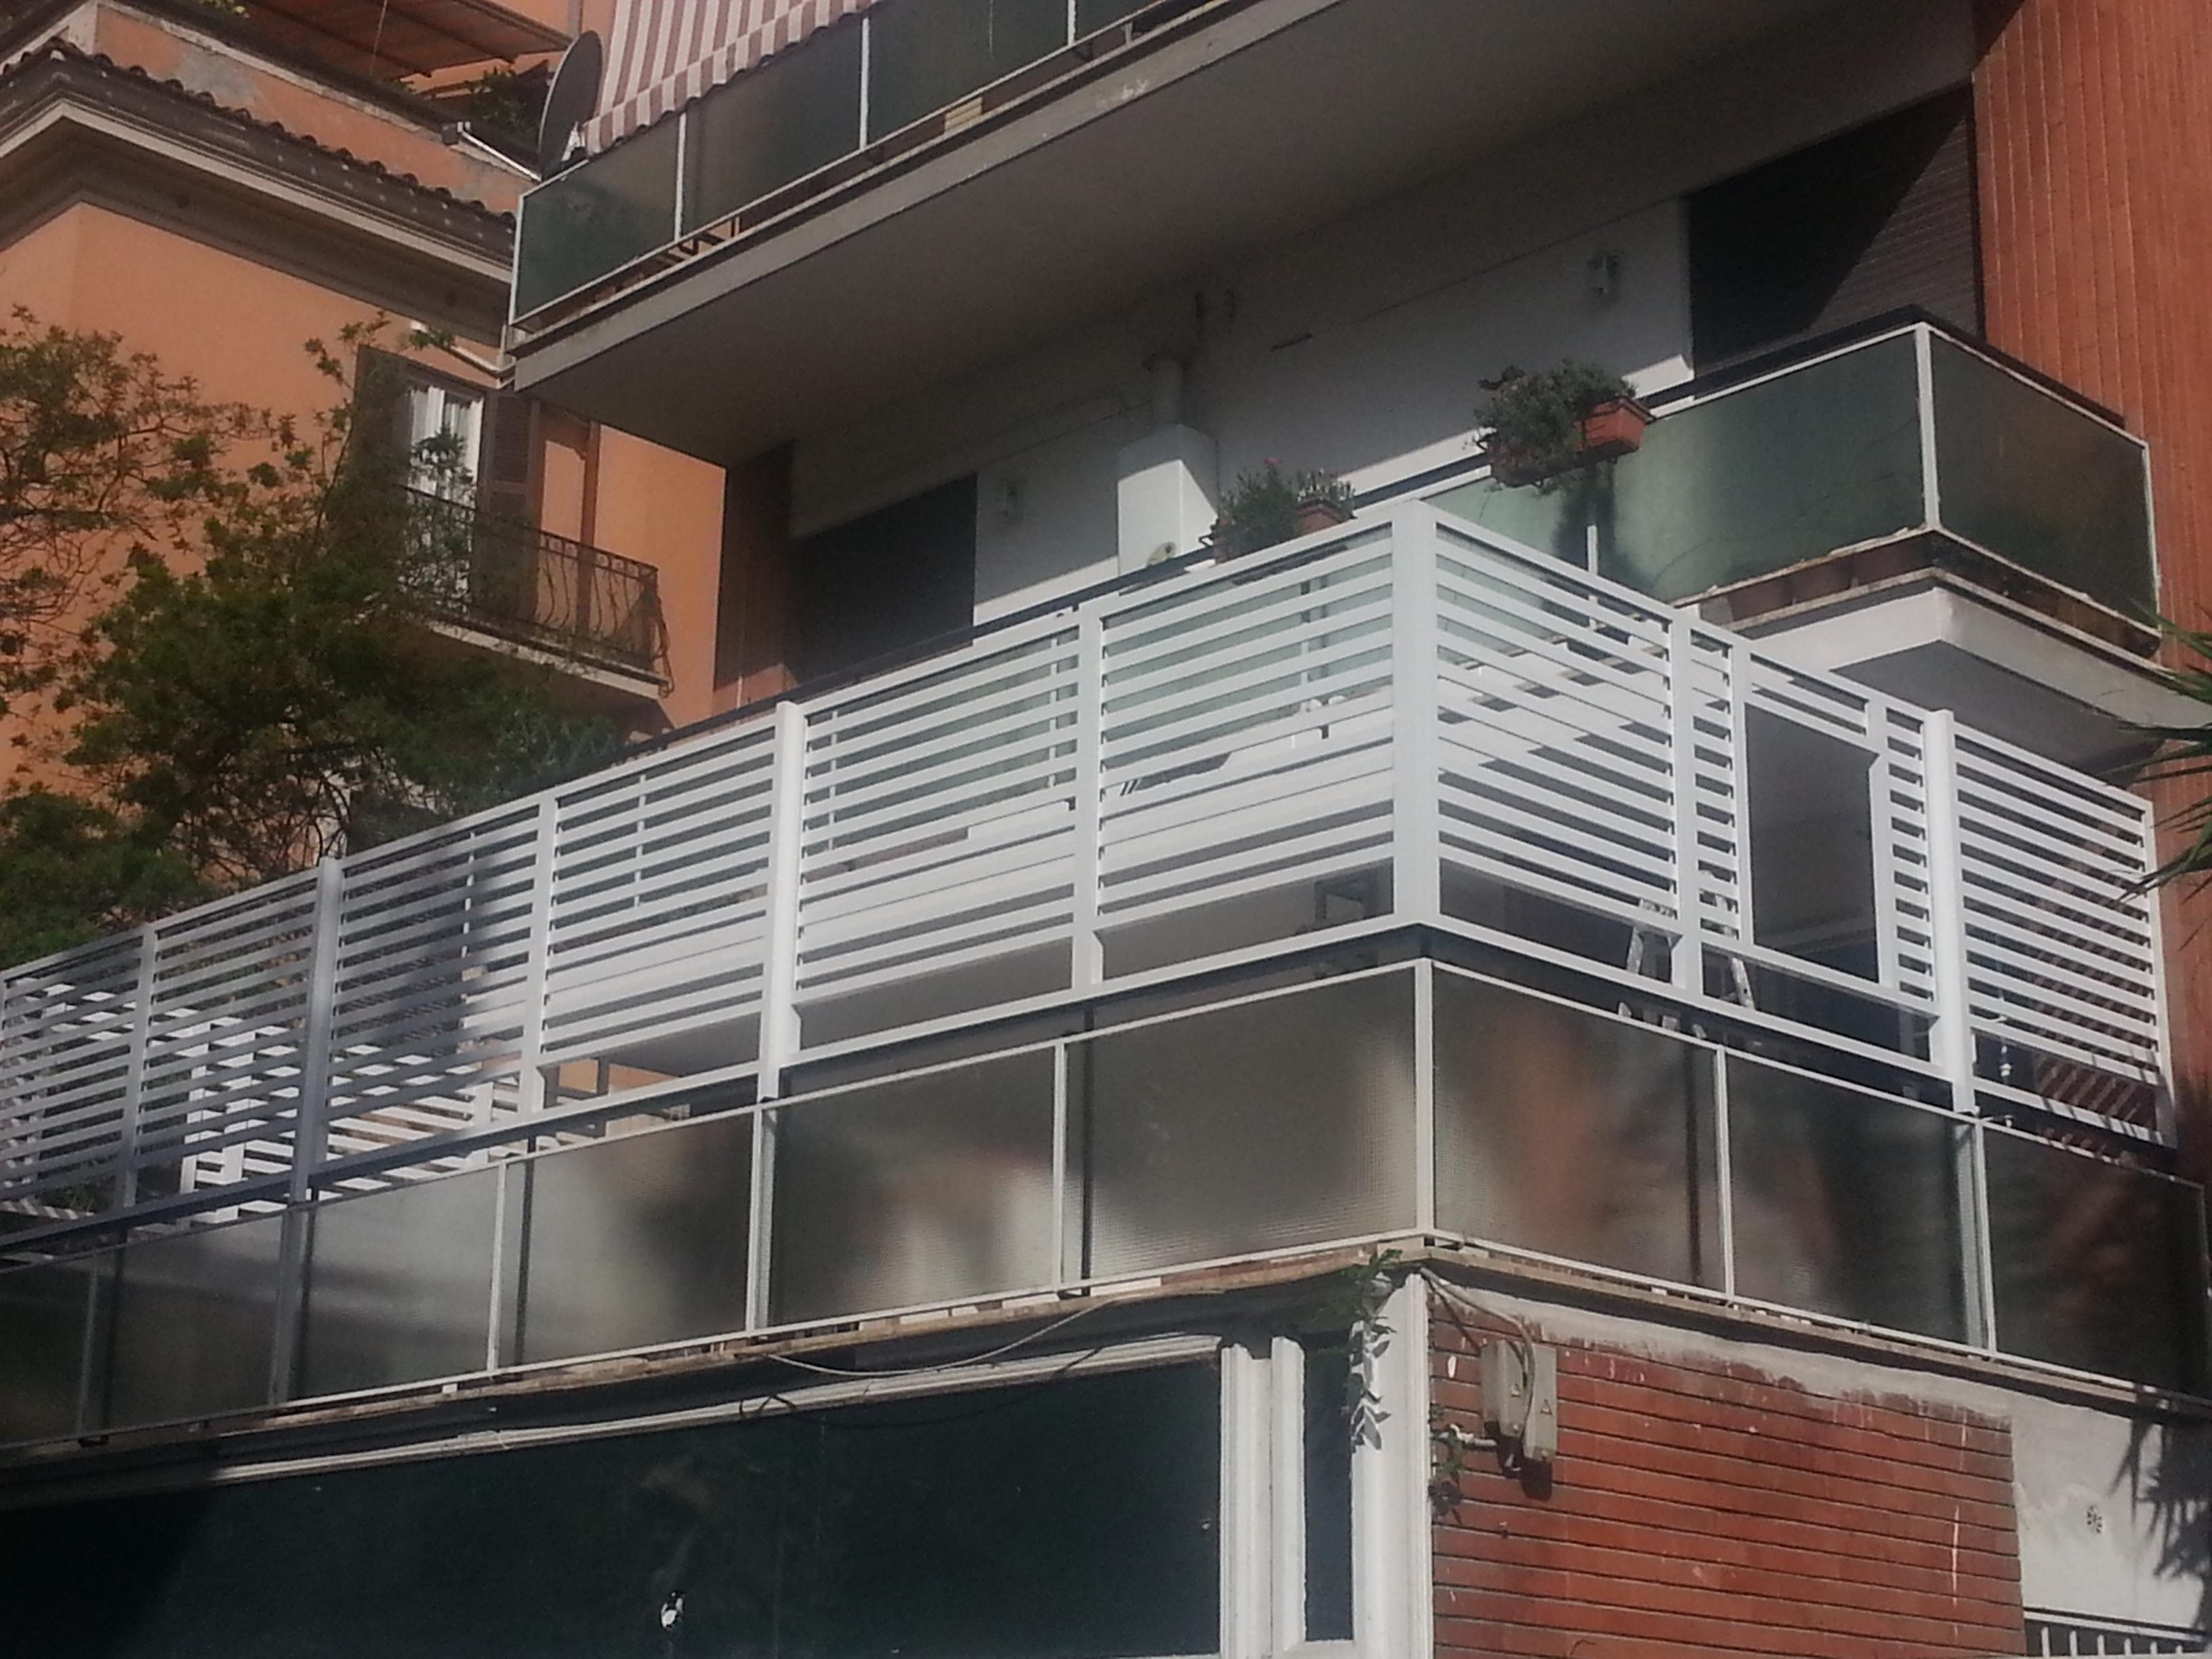 Fotografia di un Frangisole in alluminio verniciato bianco, spazio di cm. 4 tra le doghe. Montaggio a Roma, quartiere Appio Latino.